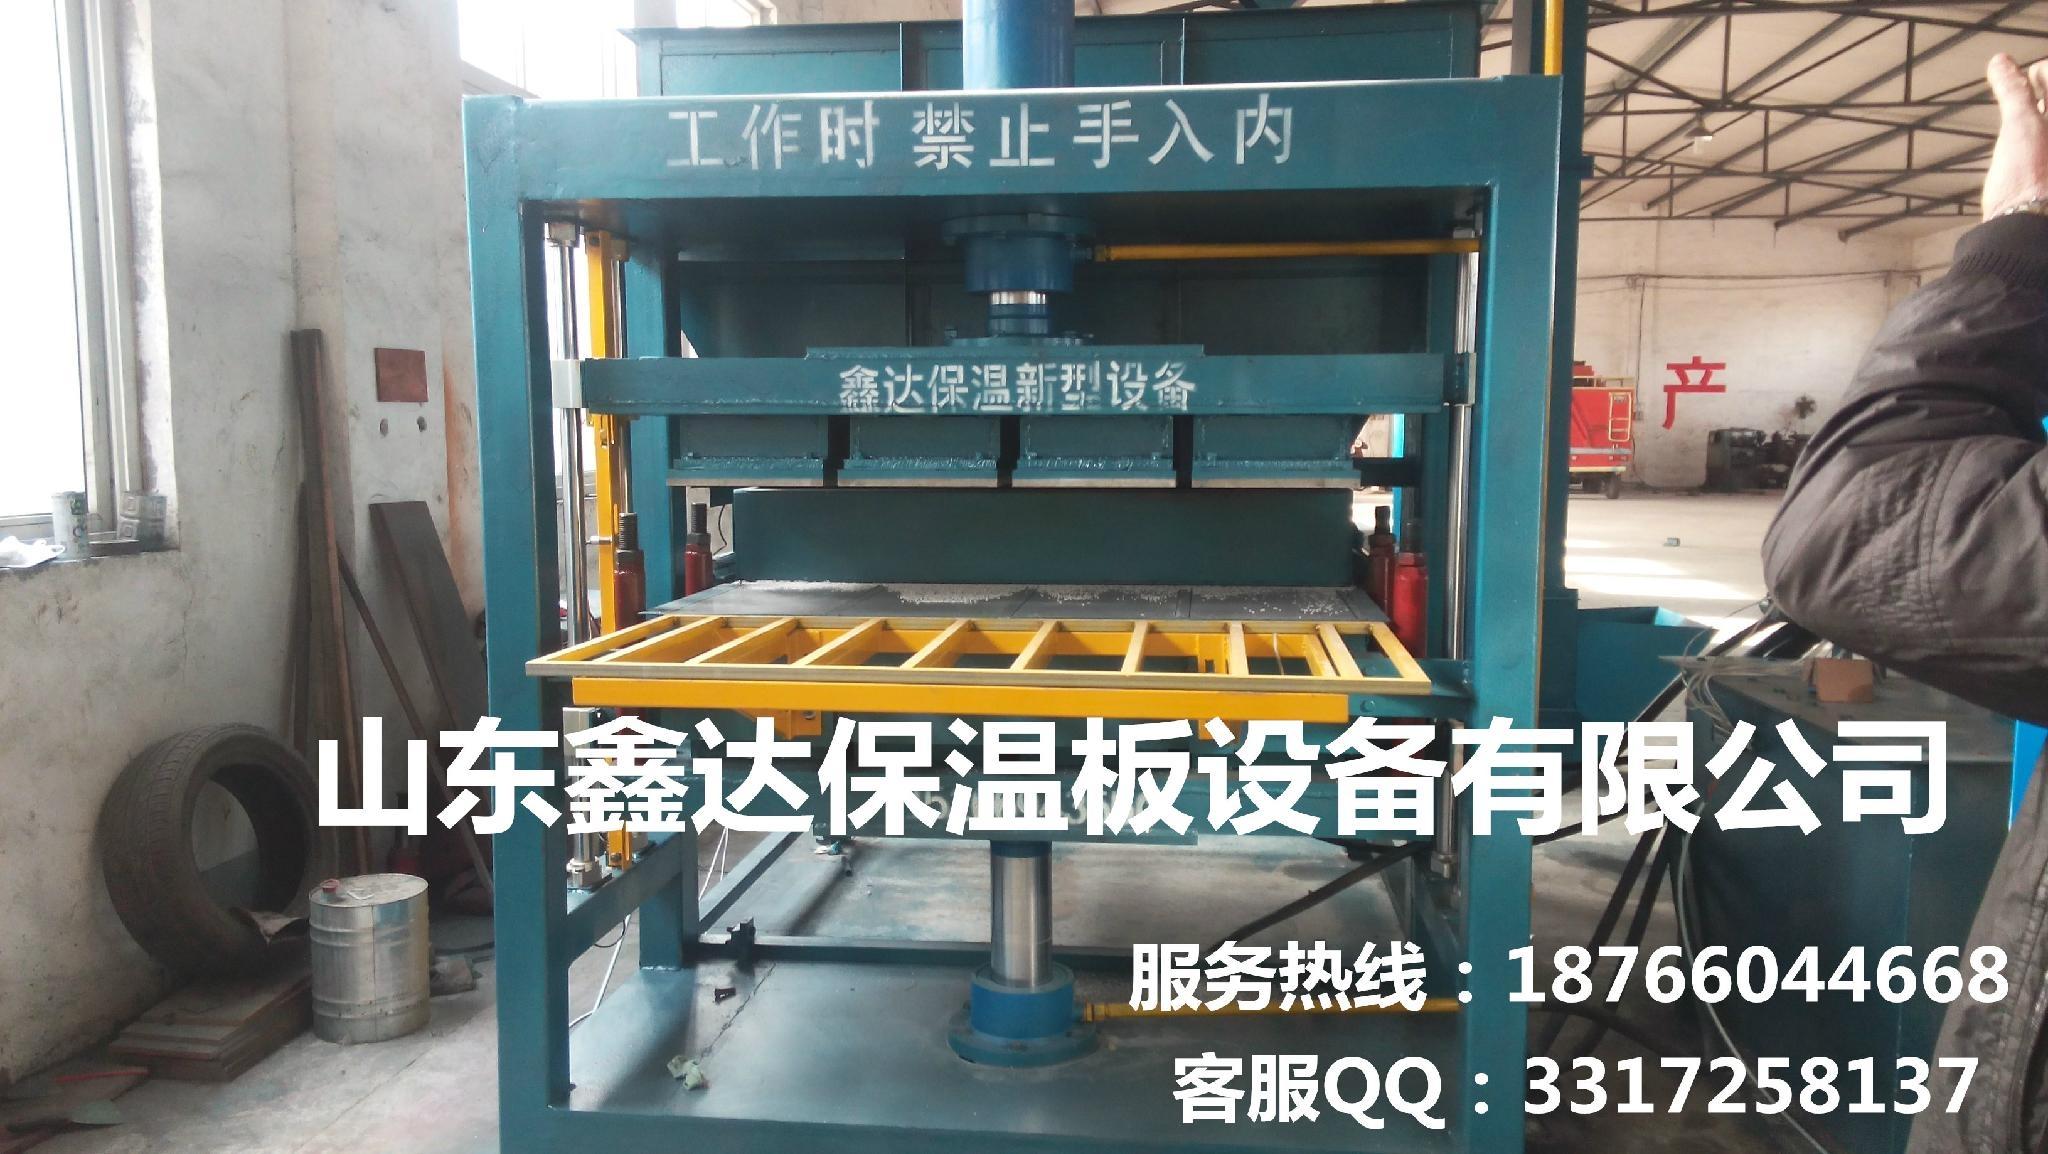 全自动珍珠岩保温板设备,珍珠岩保温板生产线,珍珠岩压块机 3